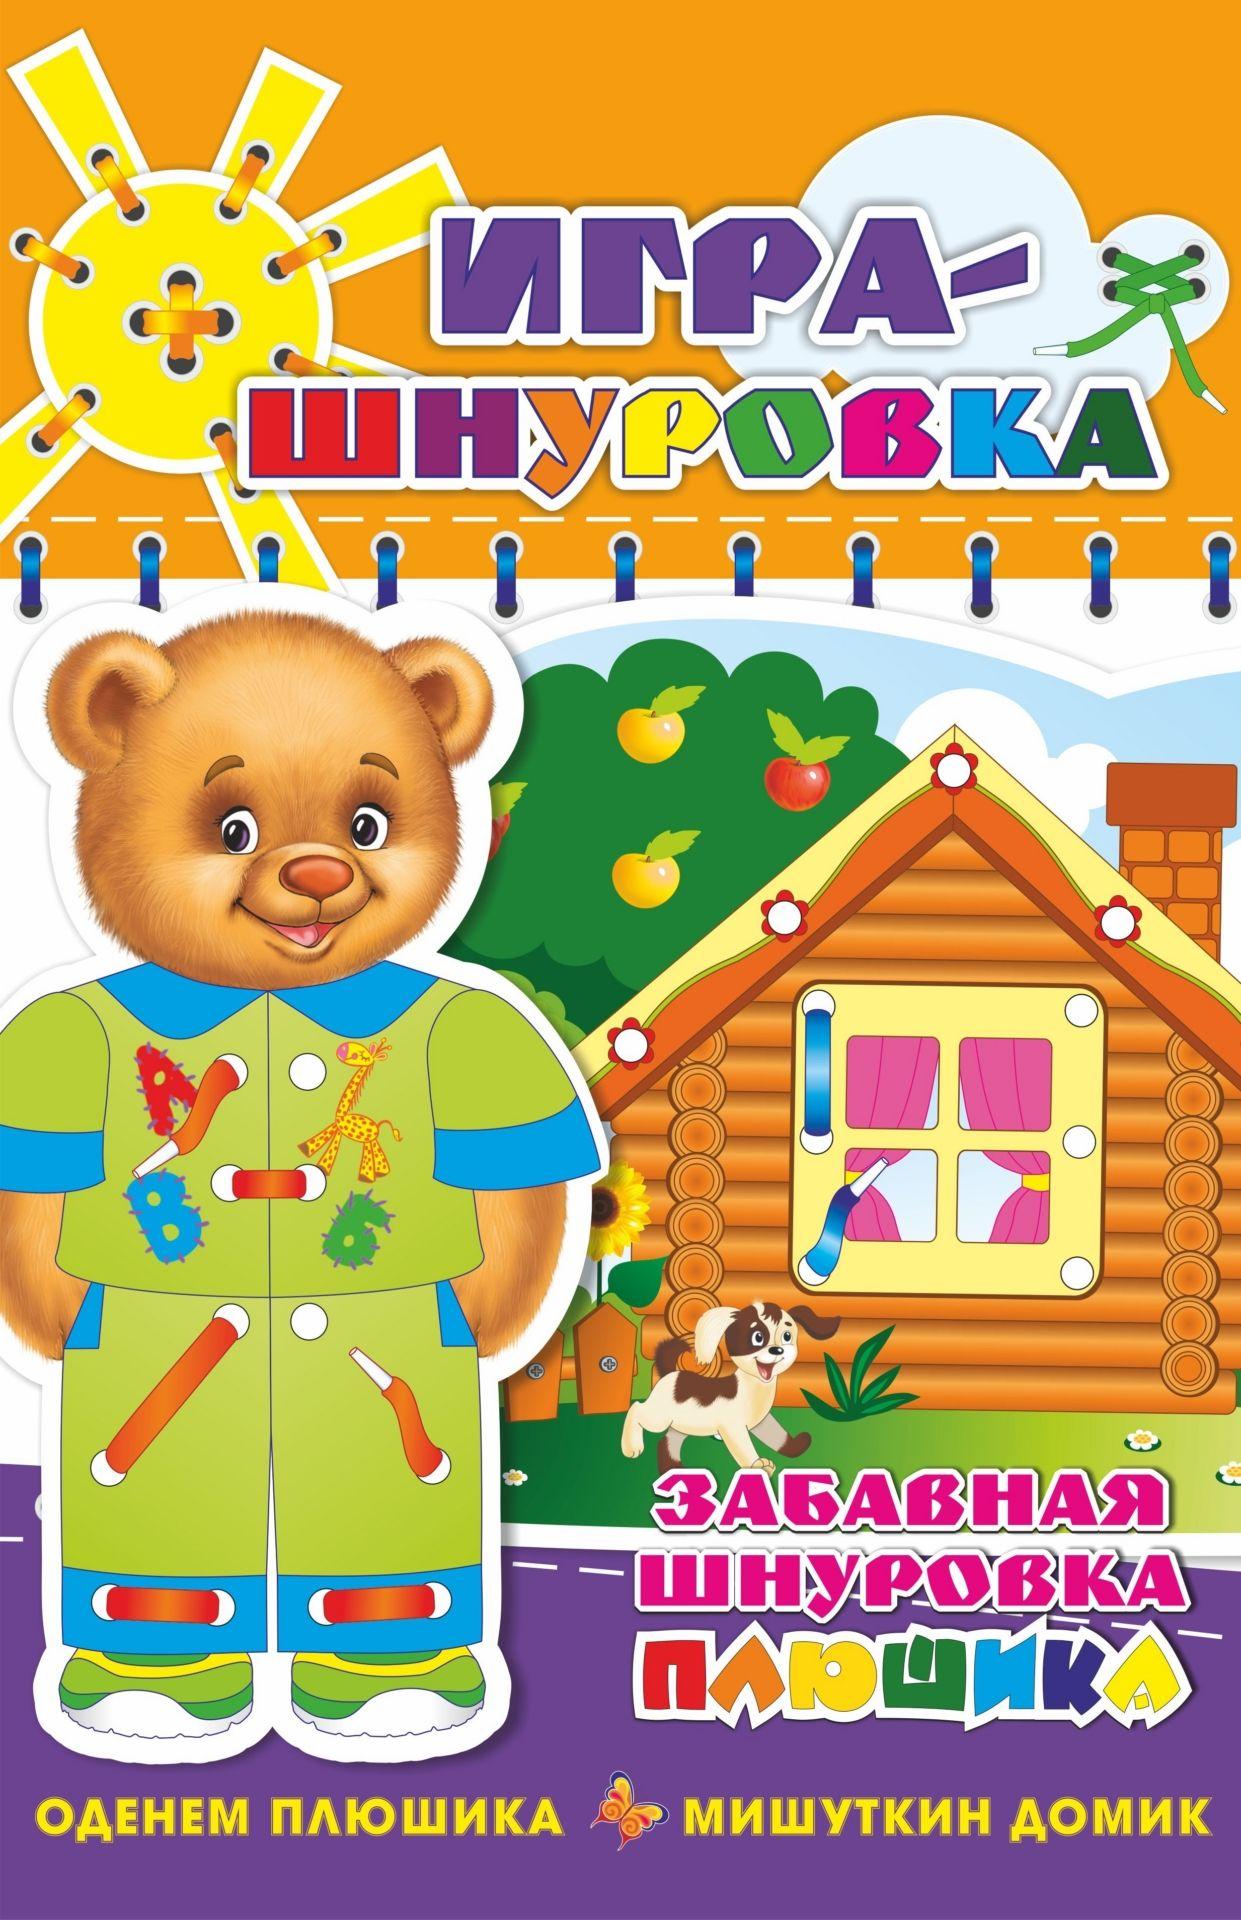 Забавная шнуровка Плюшика. Оденем Плюшика. Мишуткин домик. Игра-шнуровка для детей от года до трёх летЗанятия с детьми дошкольного возраста<br>Весёлый и озорной медвежонок Плюшик представляет развивающую игрушку - шнуровку, предназначенную для детей раннего и младшего дошкольного возраста. Представленная игра - шнуровка в забавной форме, с интересным персонажем, поможет малышам развить мелкую мо...<br><br>Авторы: Батова И.С.<br>Год: 2017<br>Серия: Развивающий игровой набор<br>Высота: 300<br>Ширина: 210<br>Переплёт: набор